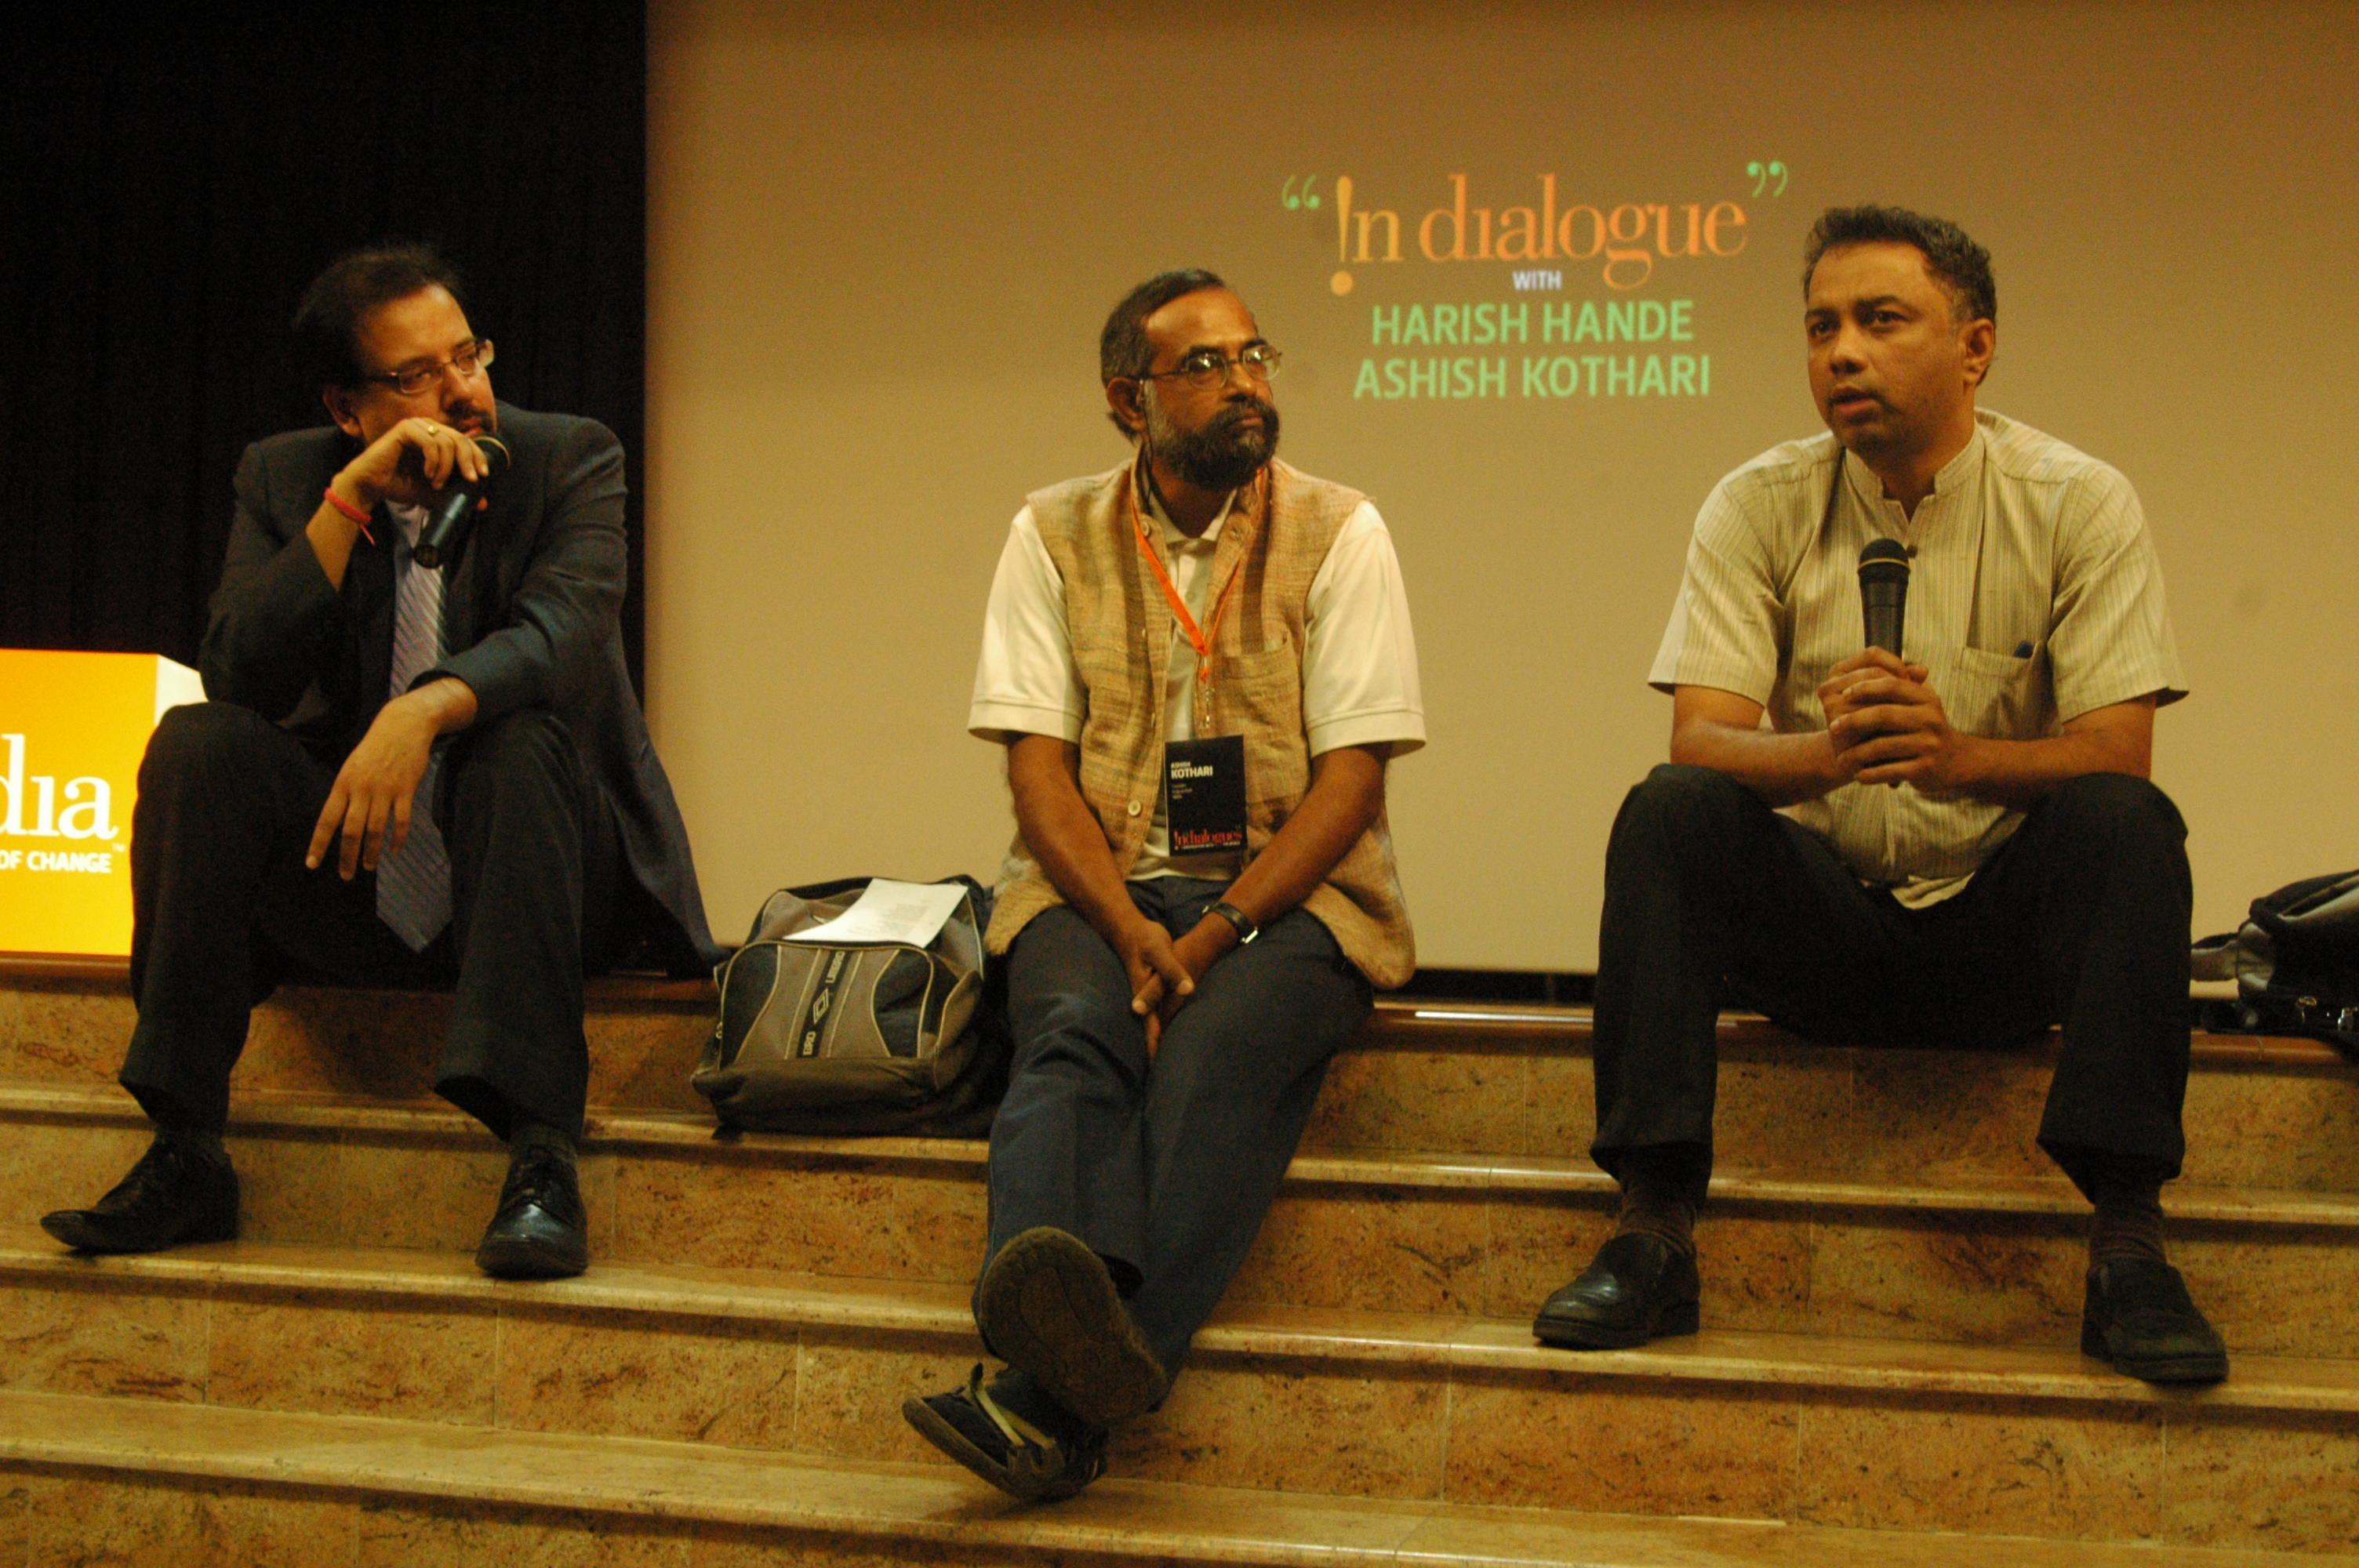 Harish Hande and Ashish Kothari @ Indialogues